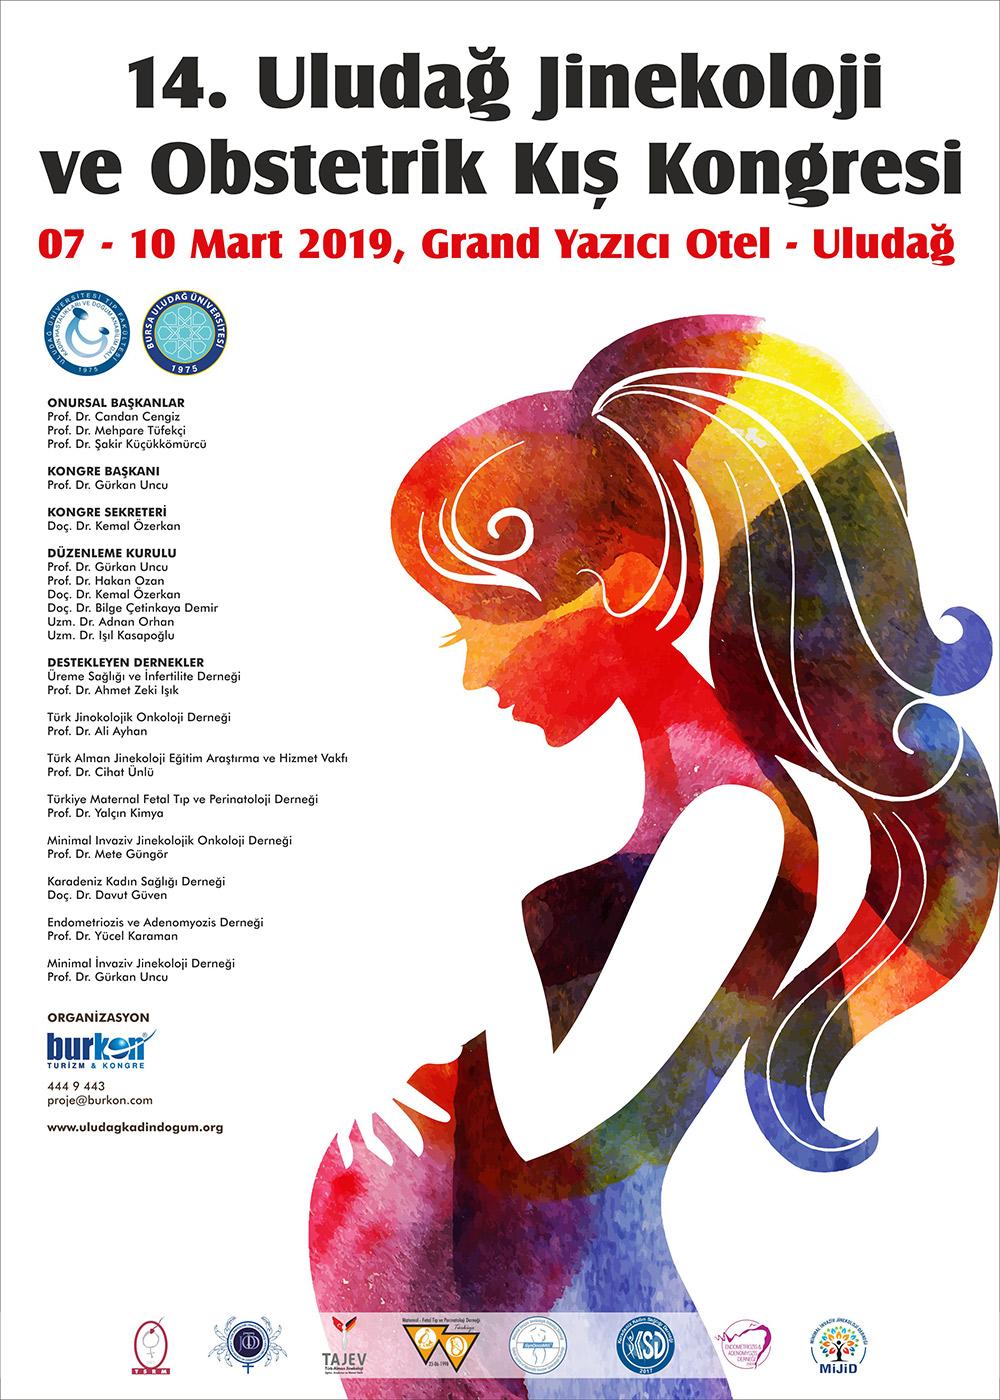 14. Uludağ Jinekoloji ve Obstetrik Kış Kongresi